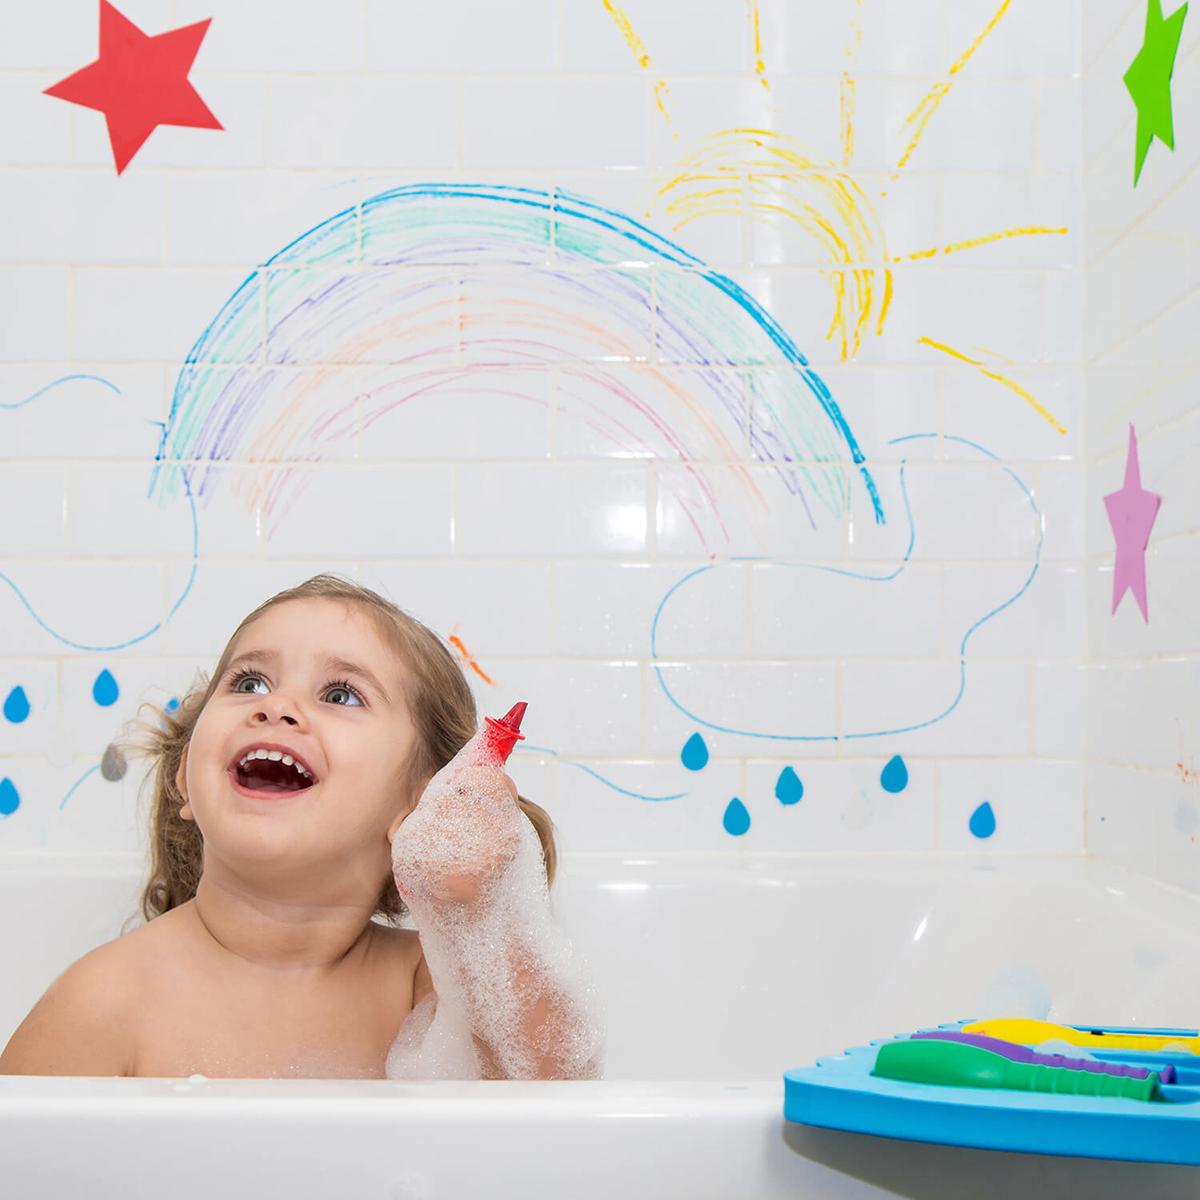 【新商品】お風呂の時間を楽しもう!